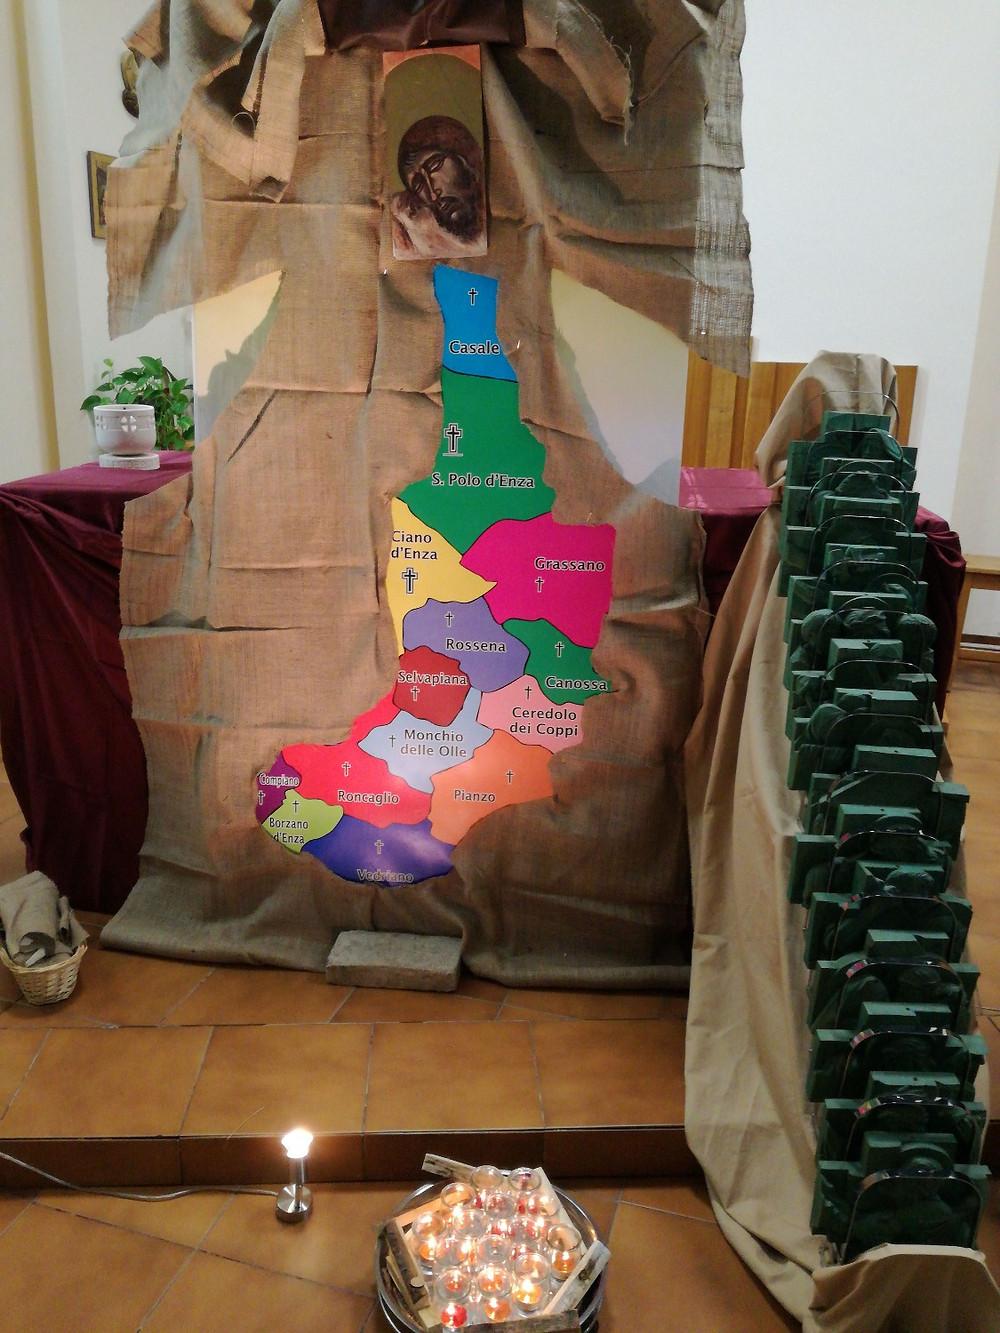 La nostra Unità Pastorale simbolicamente rappresentata nelle 14 parrocchie della cartina e dalle 14 stazioni della Via Crucis.